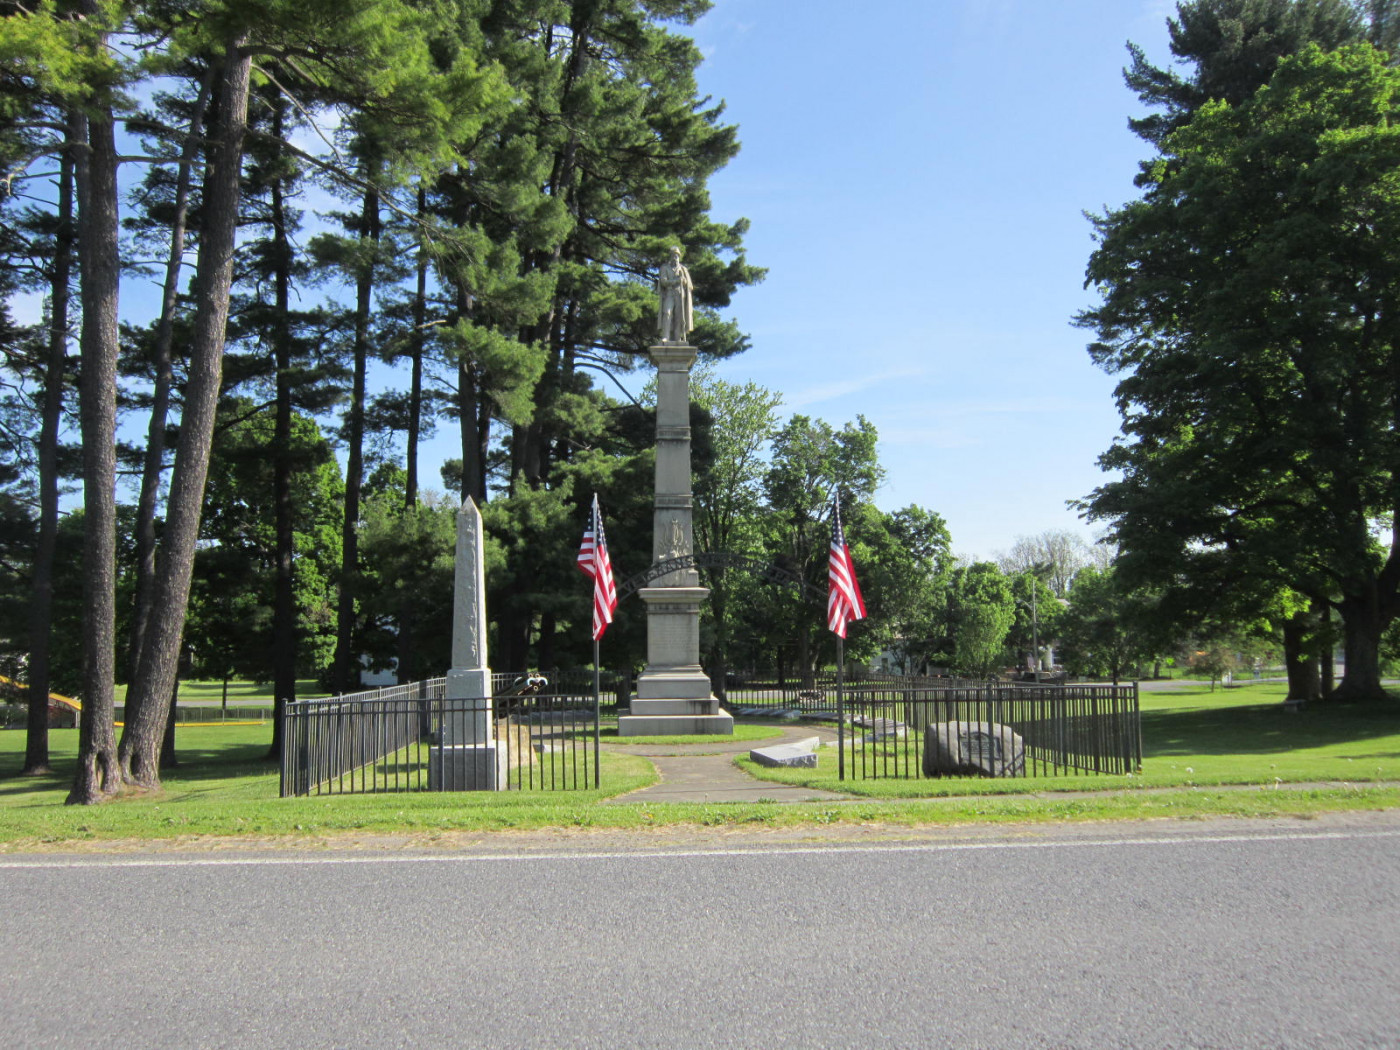 Veterans' Memorial Park